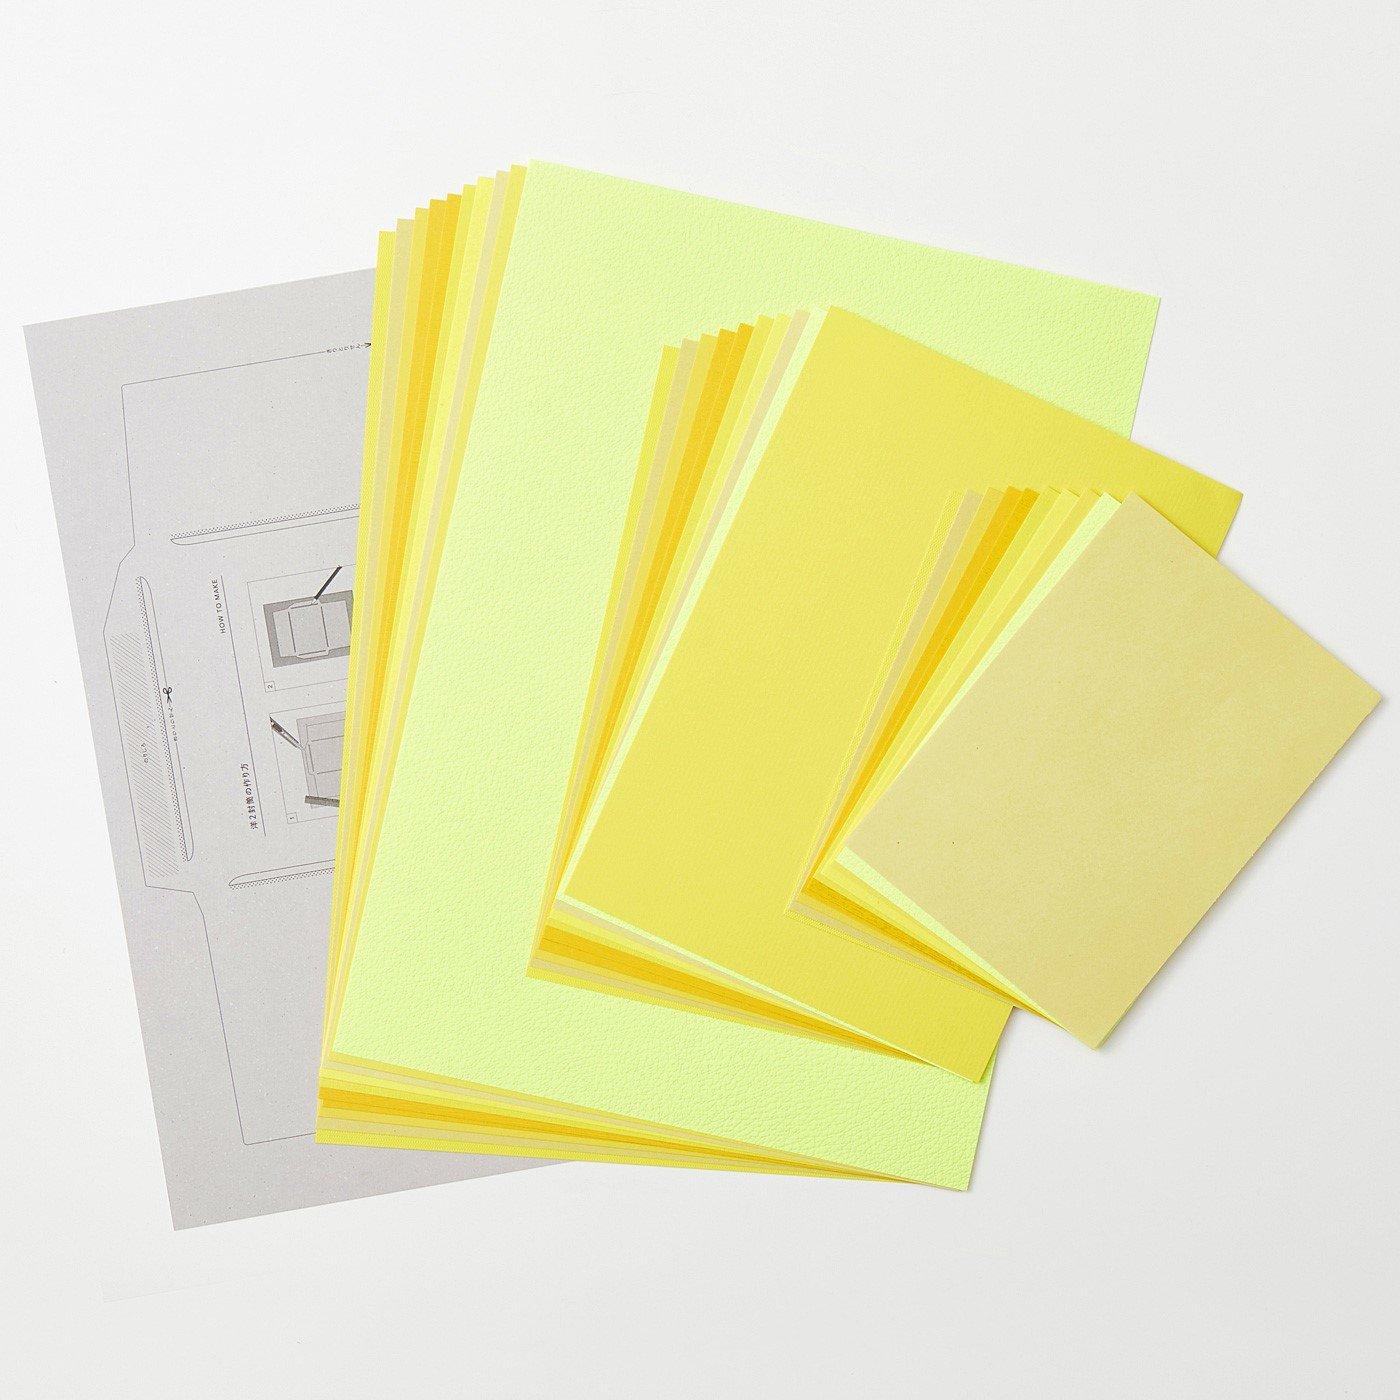 OSYAIRO 紙の専門商社竹尾が選ぶ 色を楽しむ紙セットの会〈黄〉